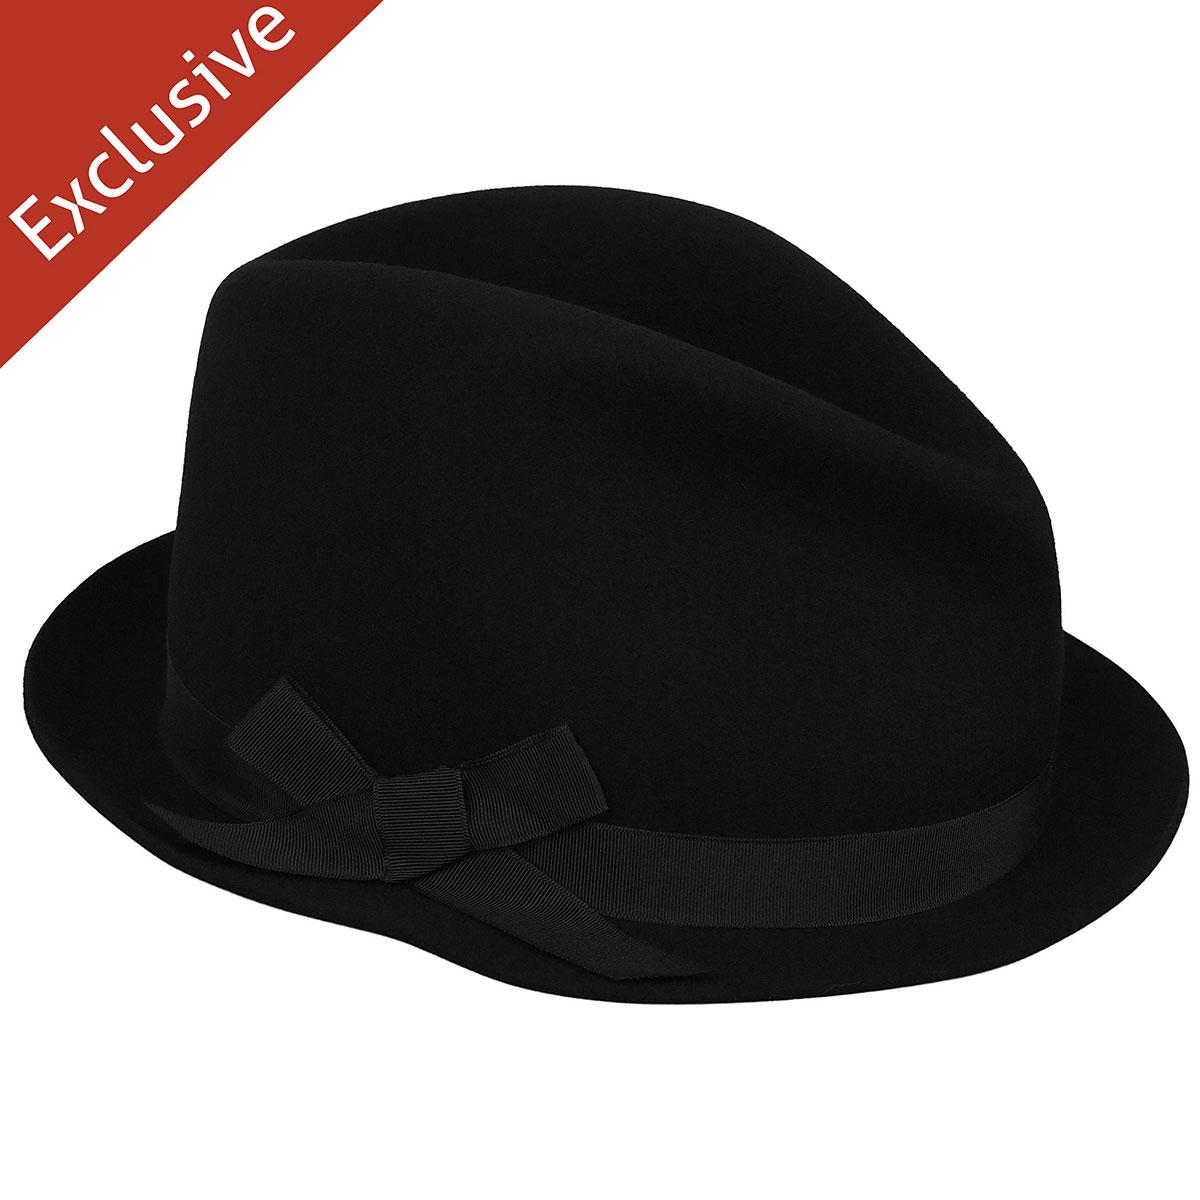 Hats.com Emma Fedora in Black